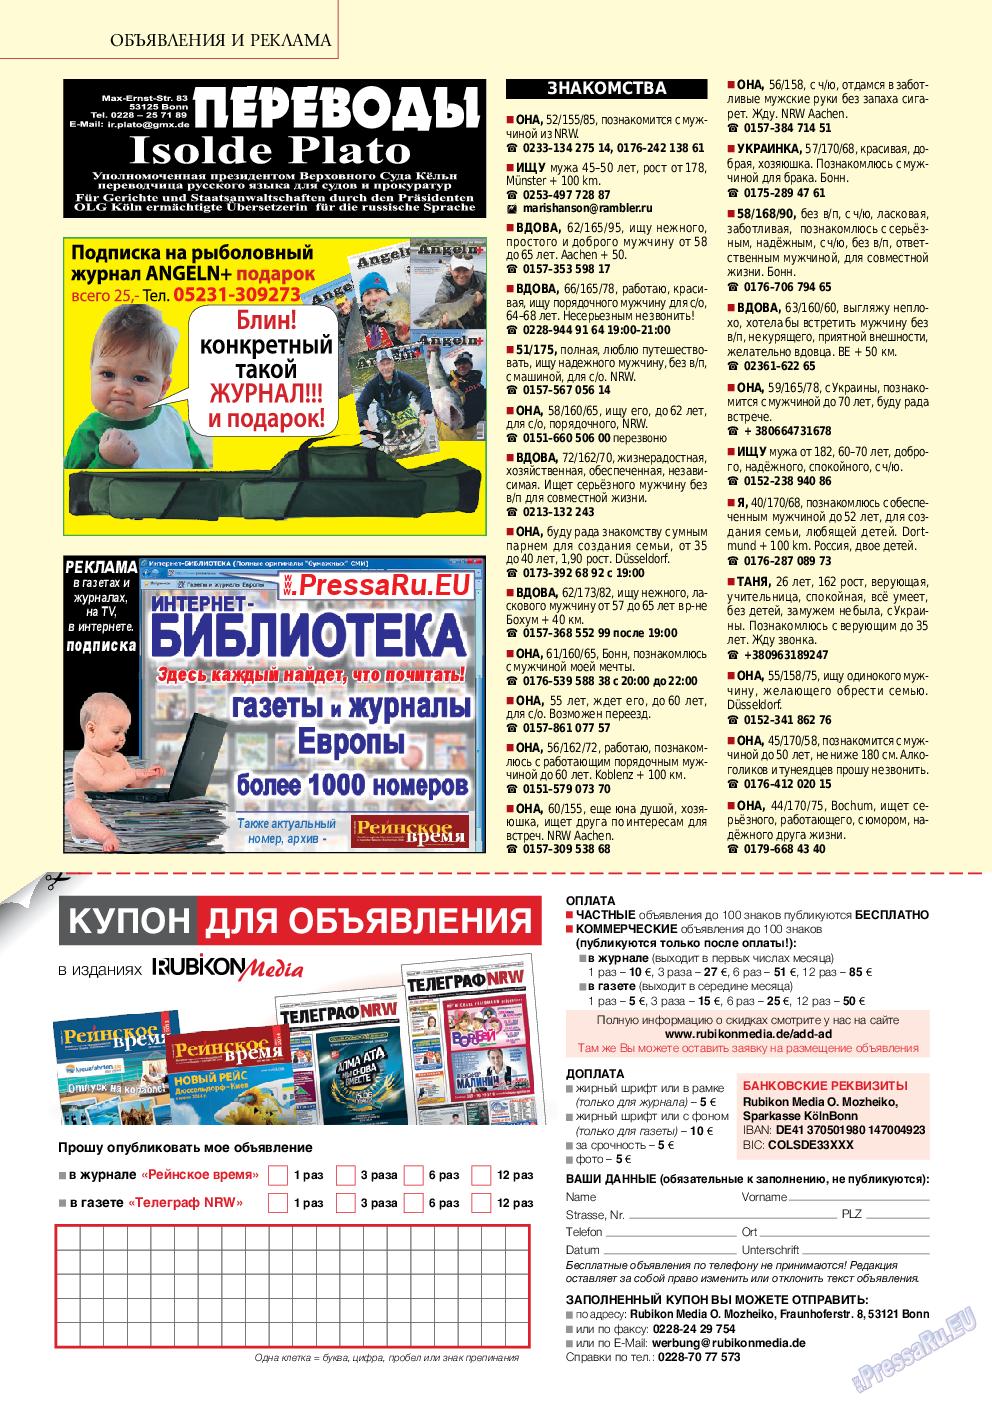 знакомства 41 газета